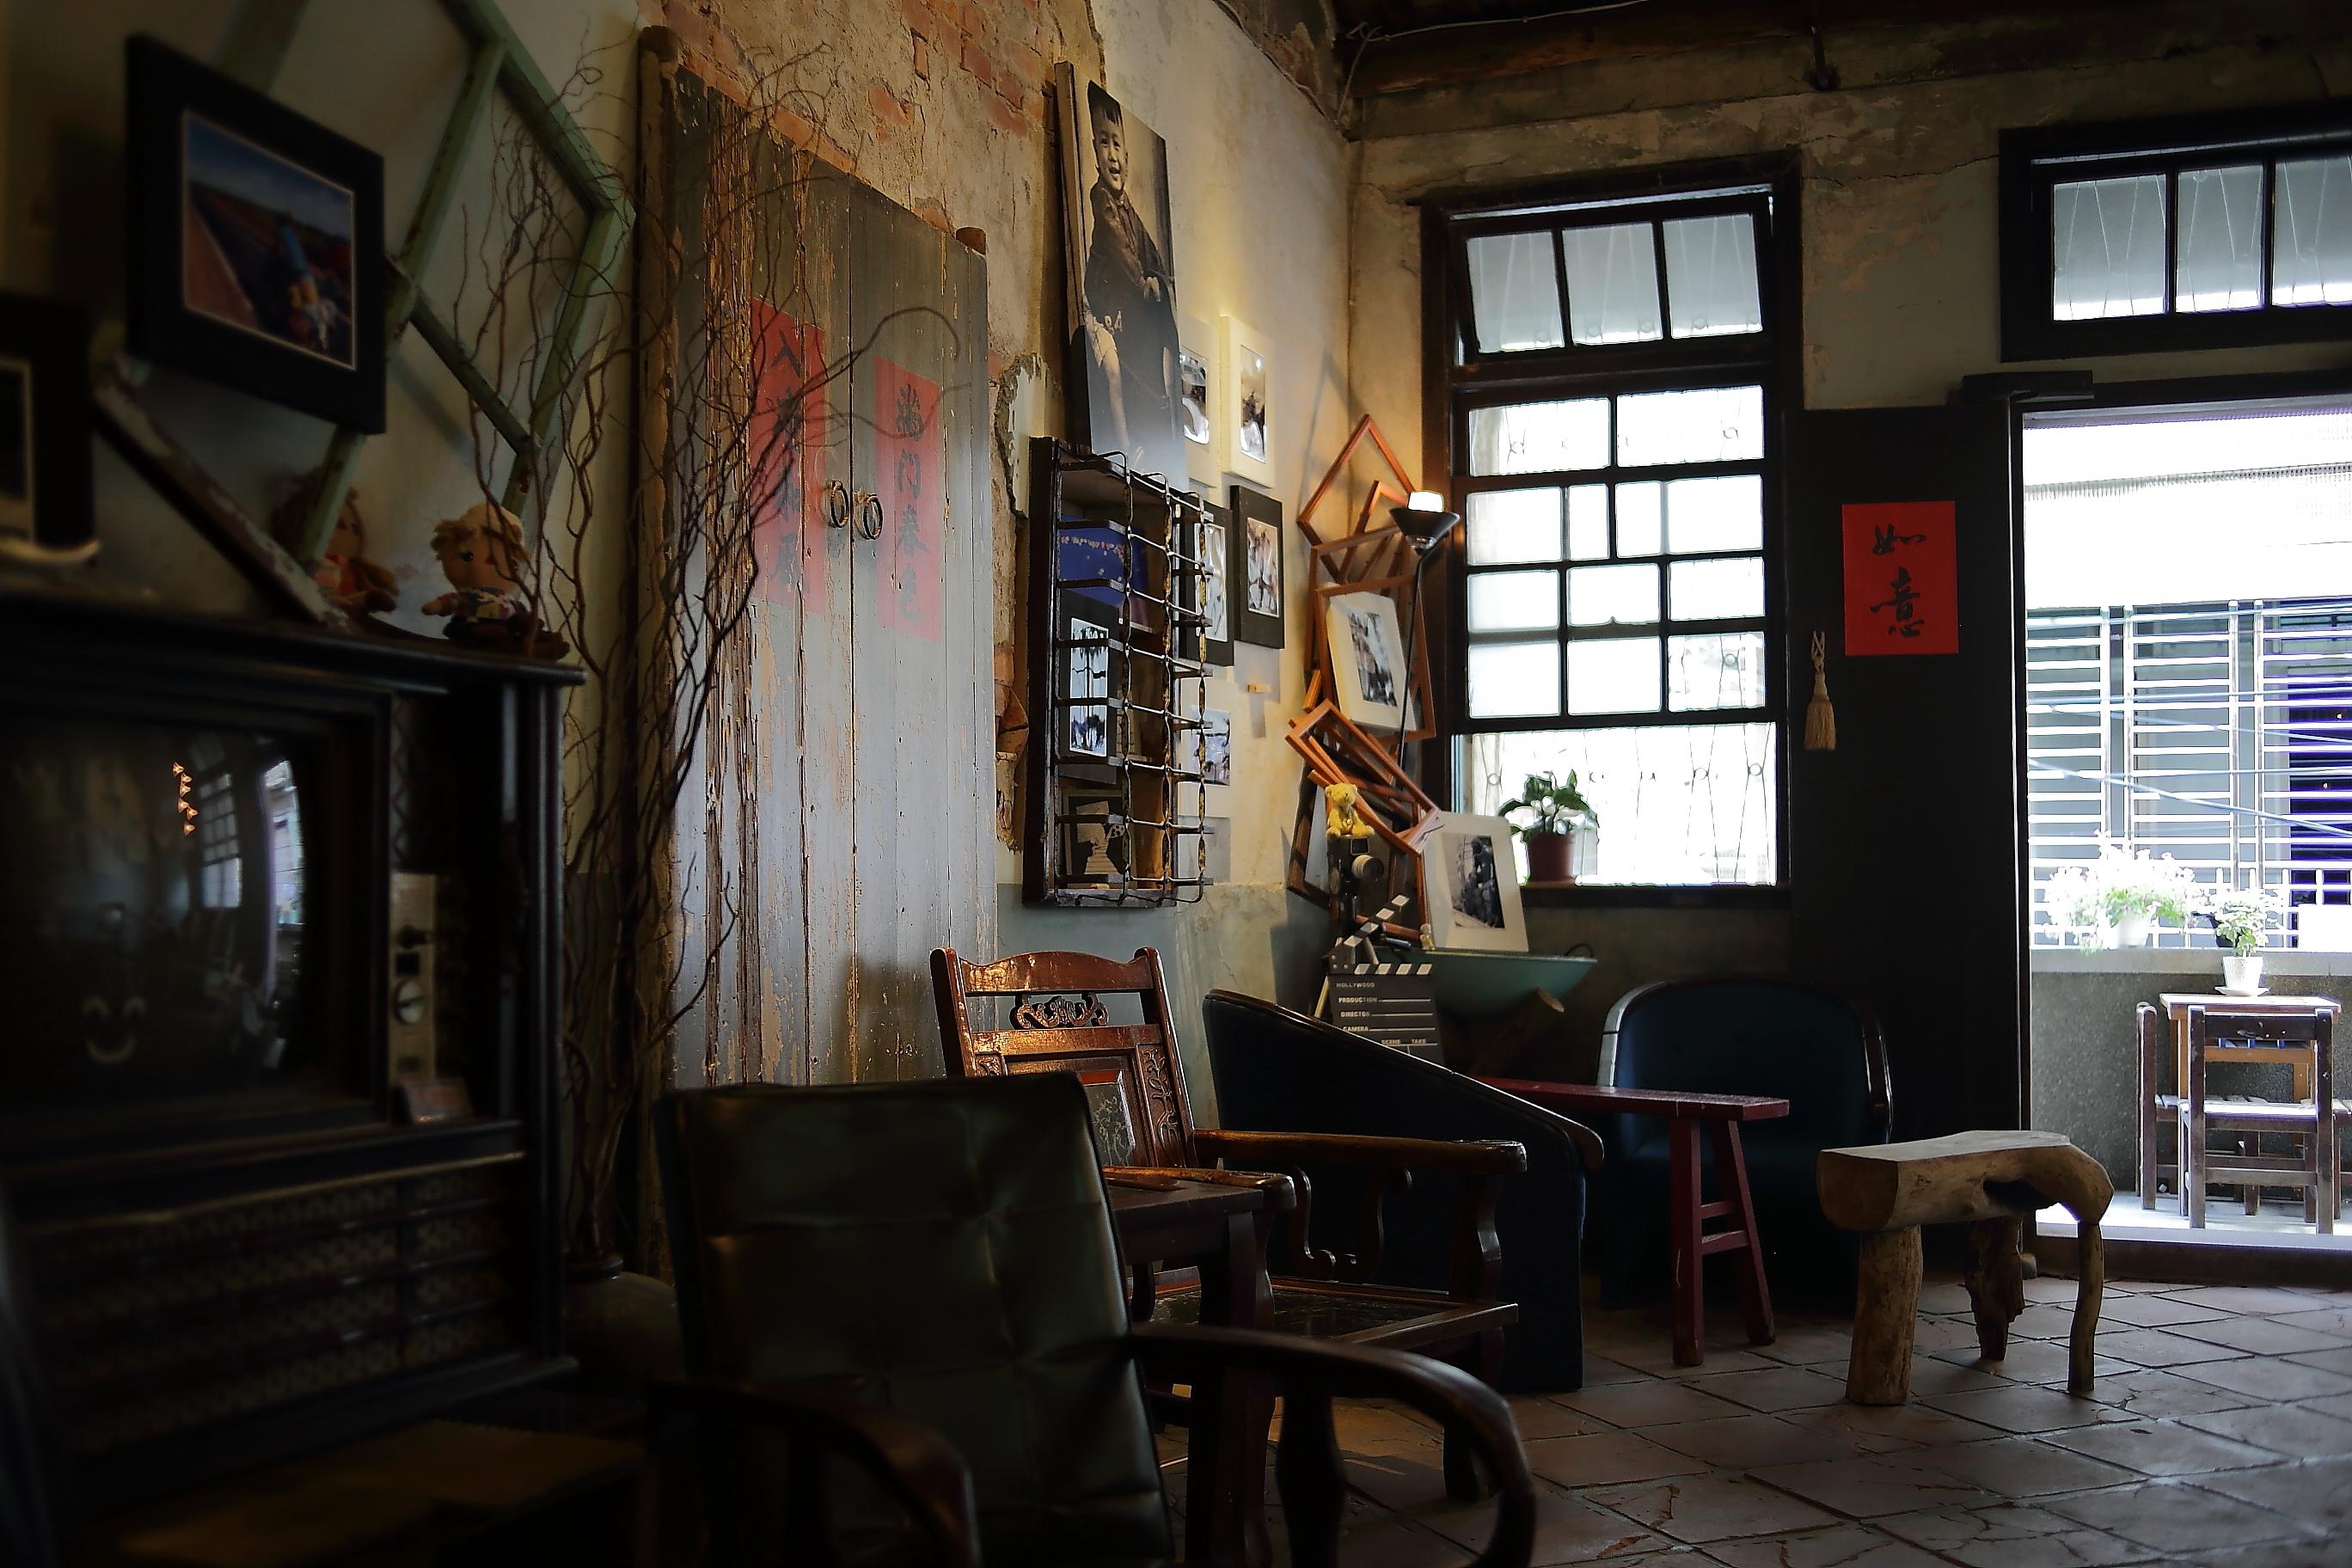 kostenlose foto restaurant zuhause bar wohnzimmer zimmer innenarchitektur 35mm. Black Bedroom Furniture Sets. Home Design Ideas